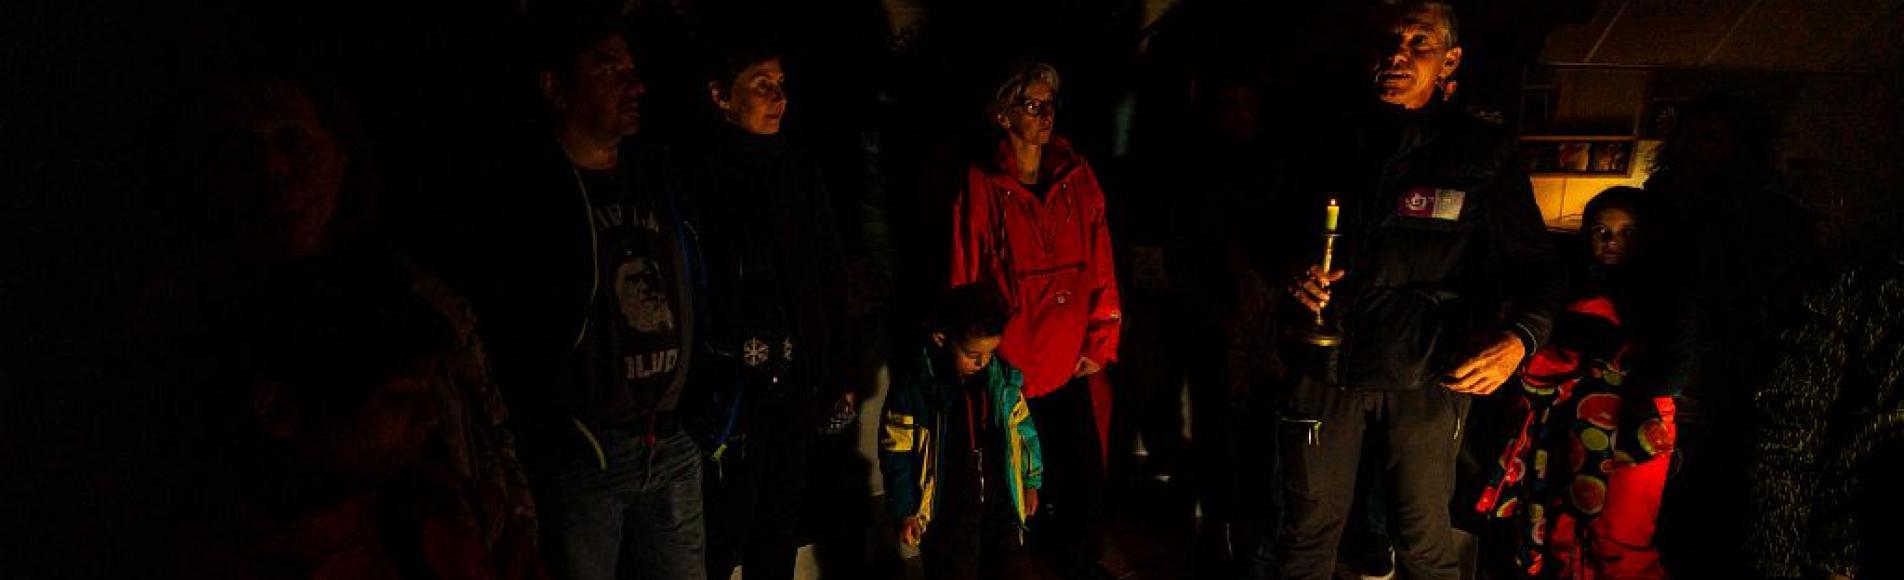 Animation en nocturne par le PNE - Refuge des animaux - Saint-Léger les Mélèzes © T.Maillet - Parc national des Ecrins